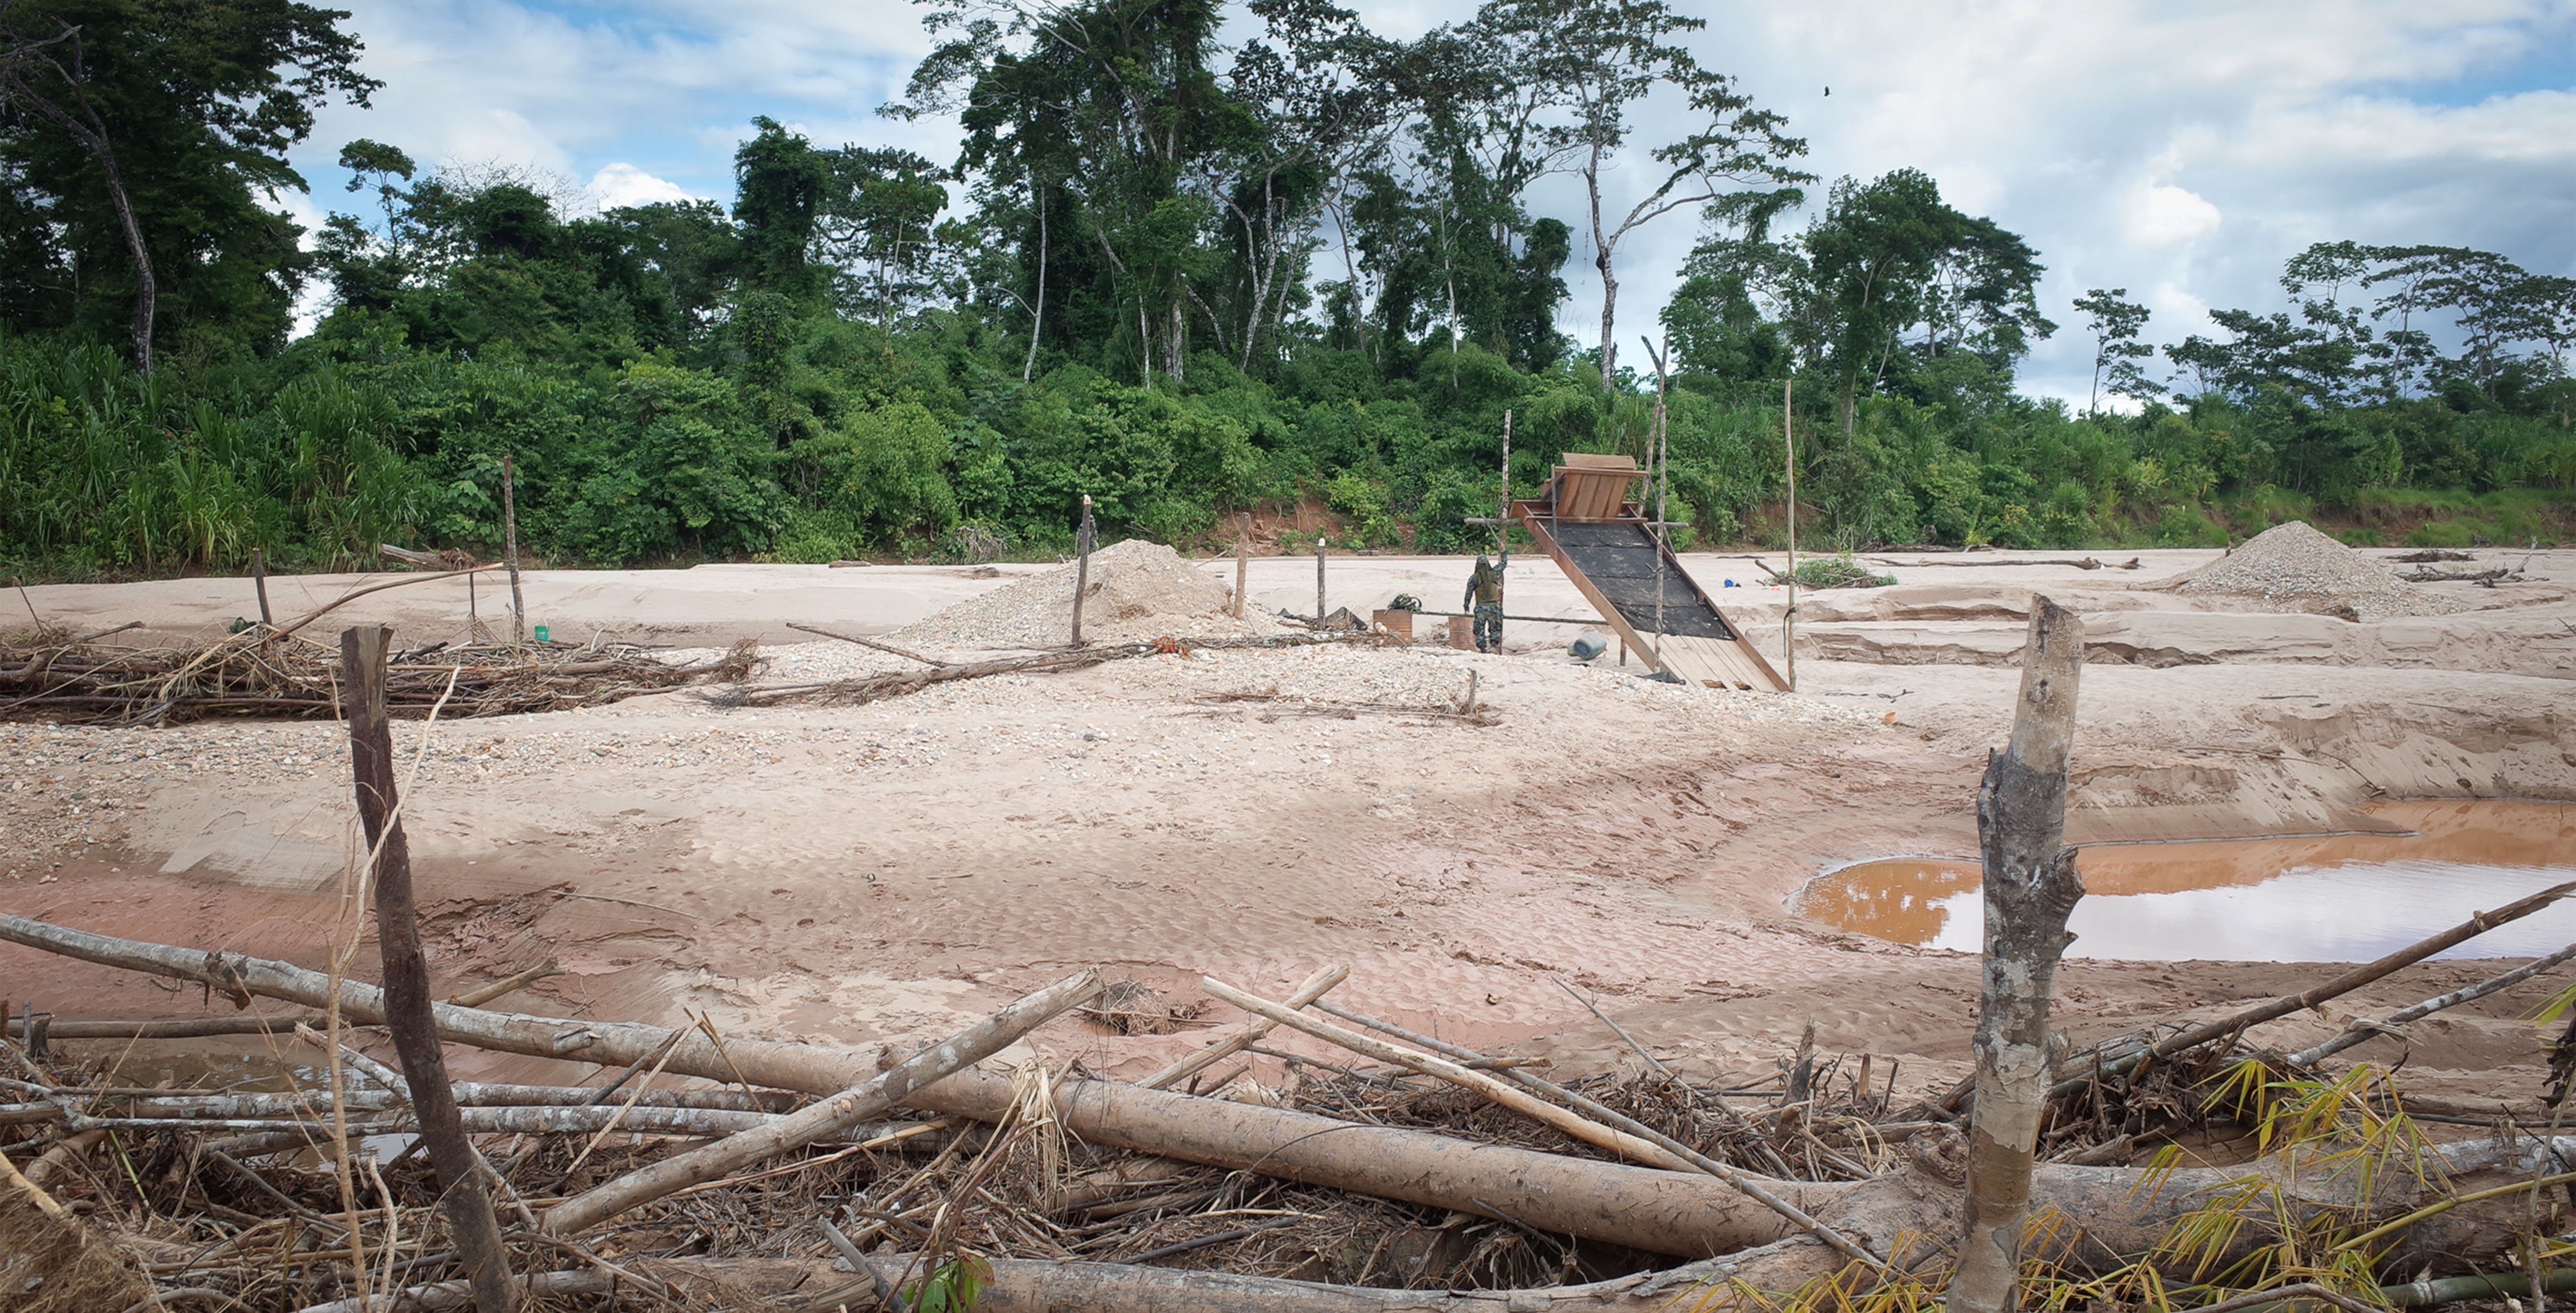 03_Eine-illegale-Mine-im-Tambopata-Nationalpark-eine-Perle-der-Biodiversität.-Die-Randzonen-des-Tambopata-Parks-wurden-von-den-Goldgräbern-bereits-zerstört